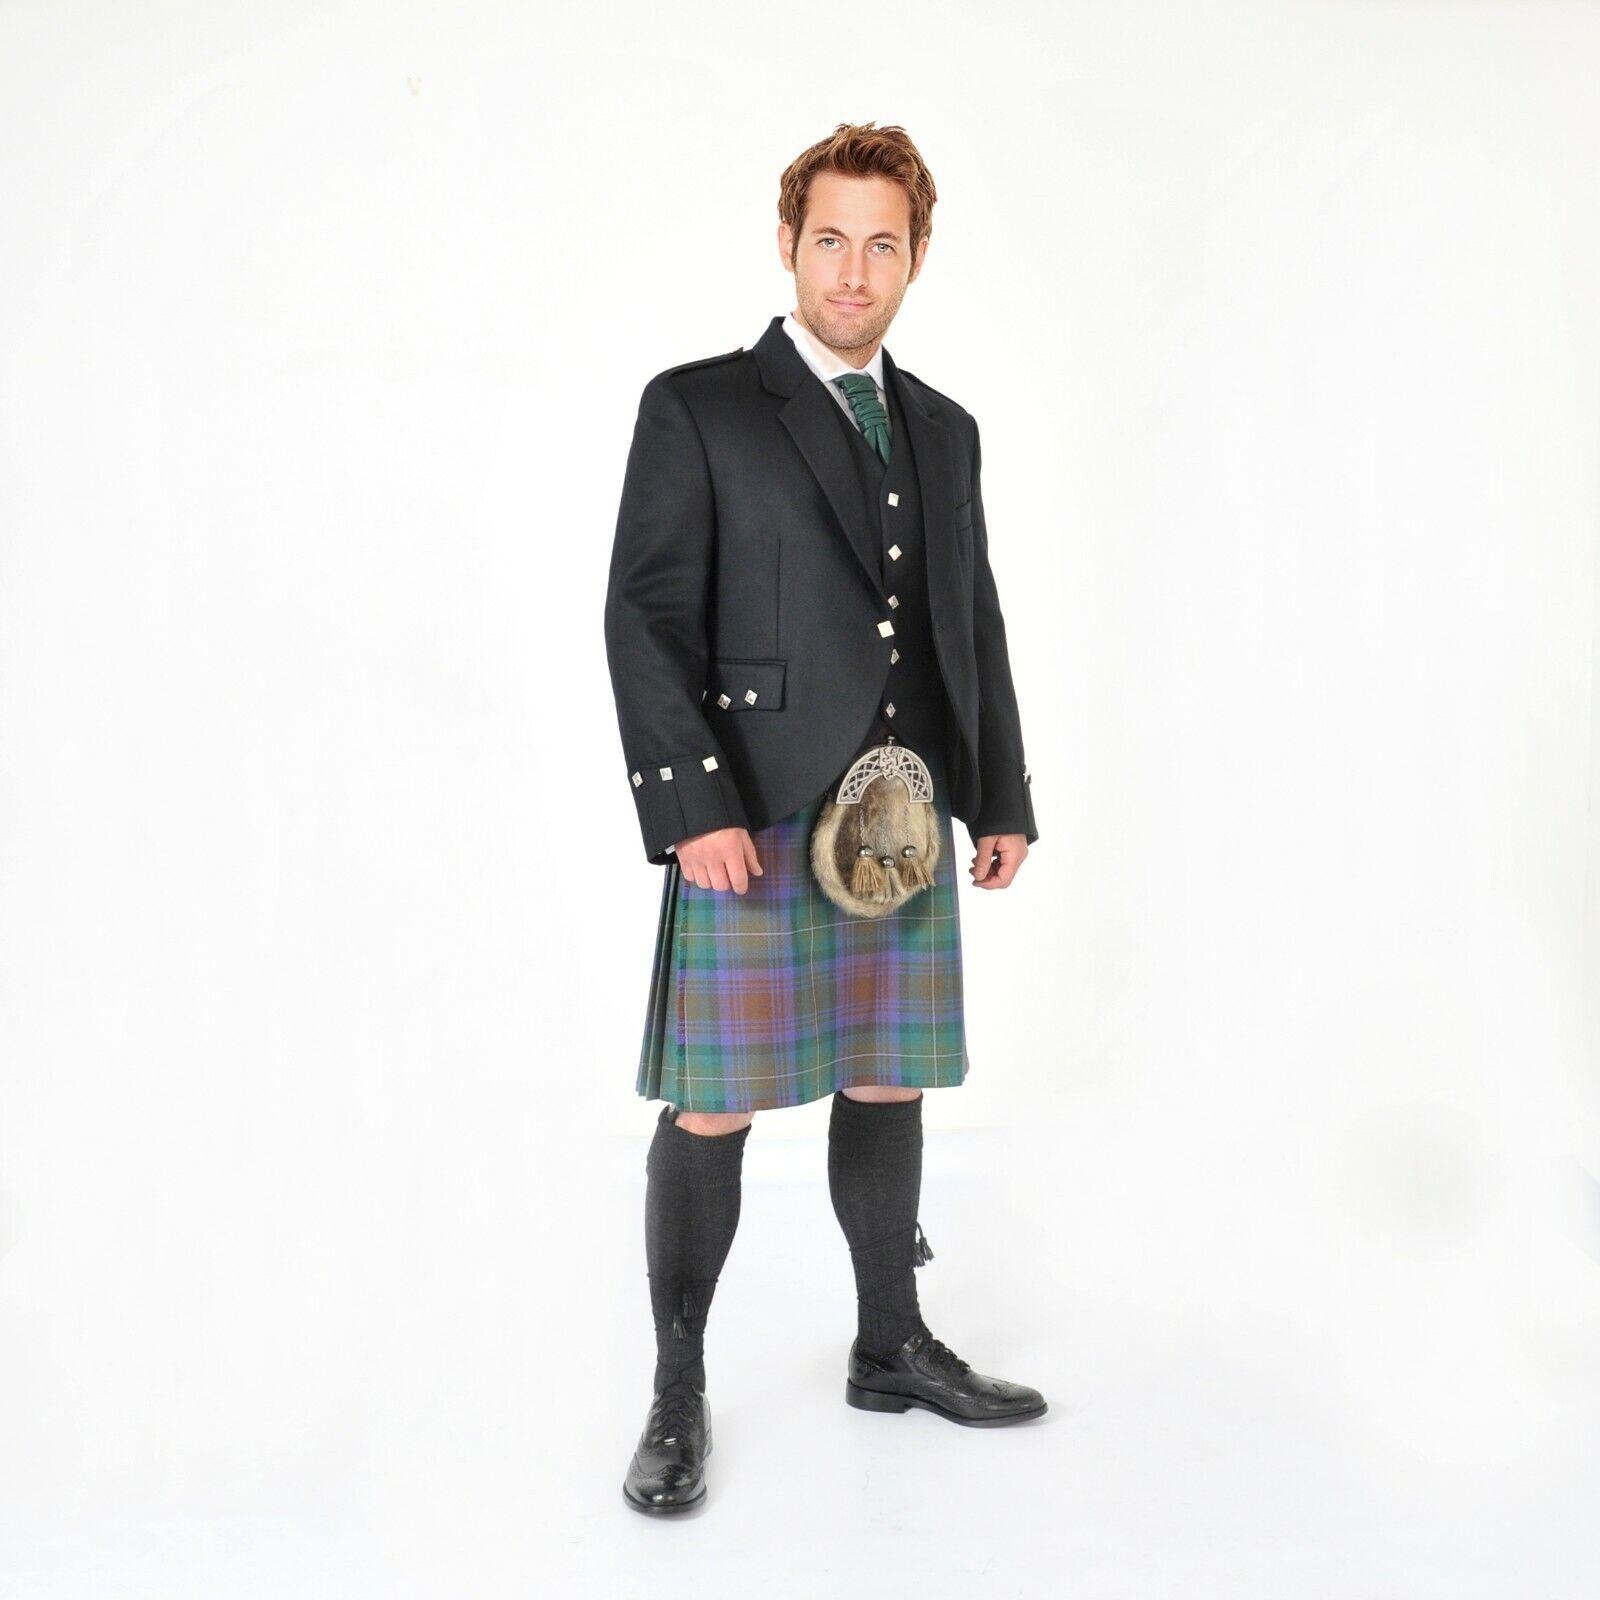 Isle of Skye 8 Yard Scottish Full Highland Dress 24